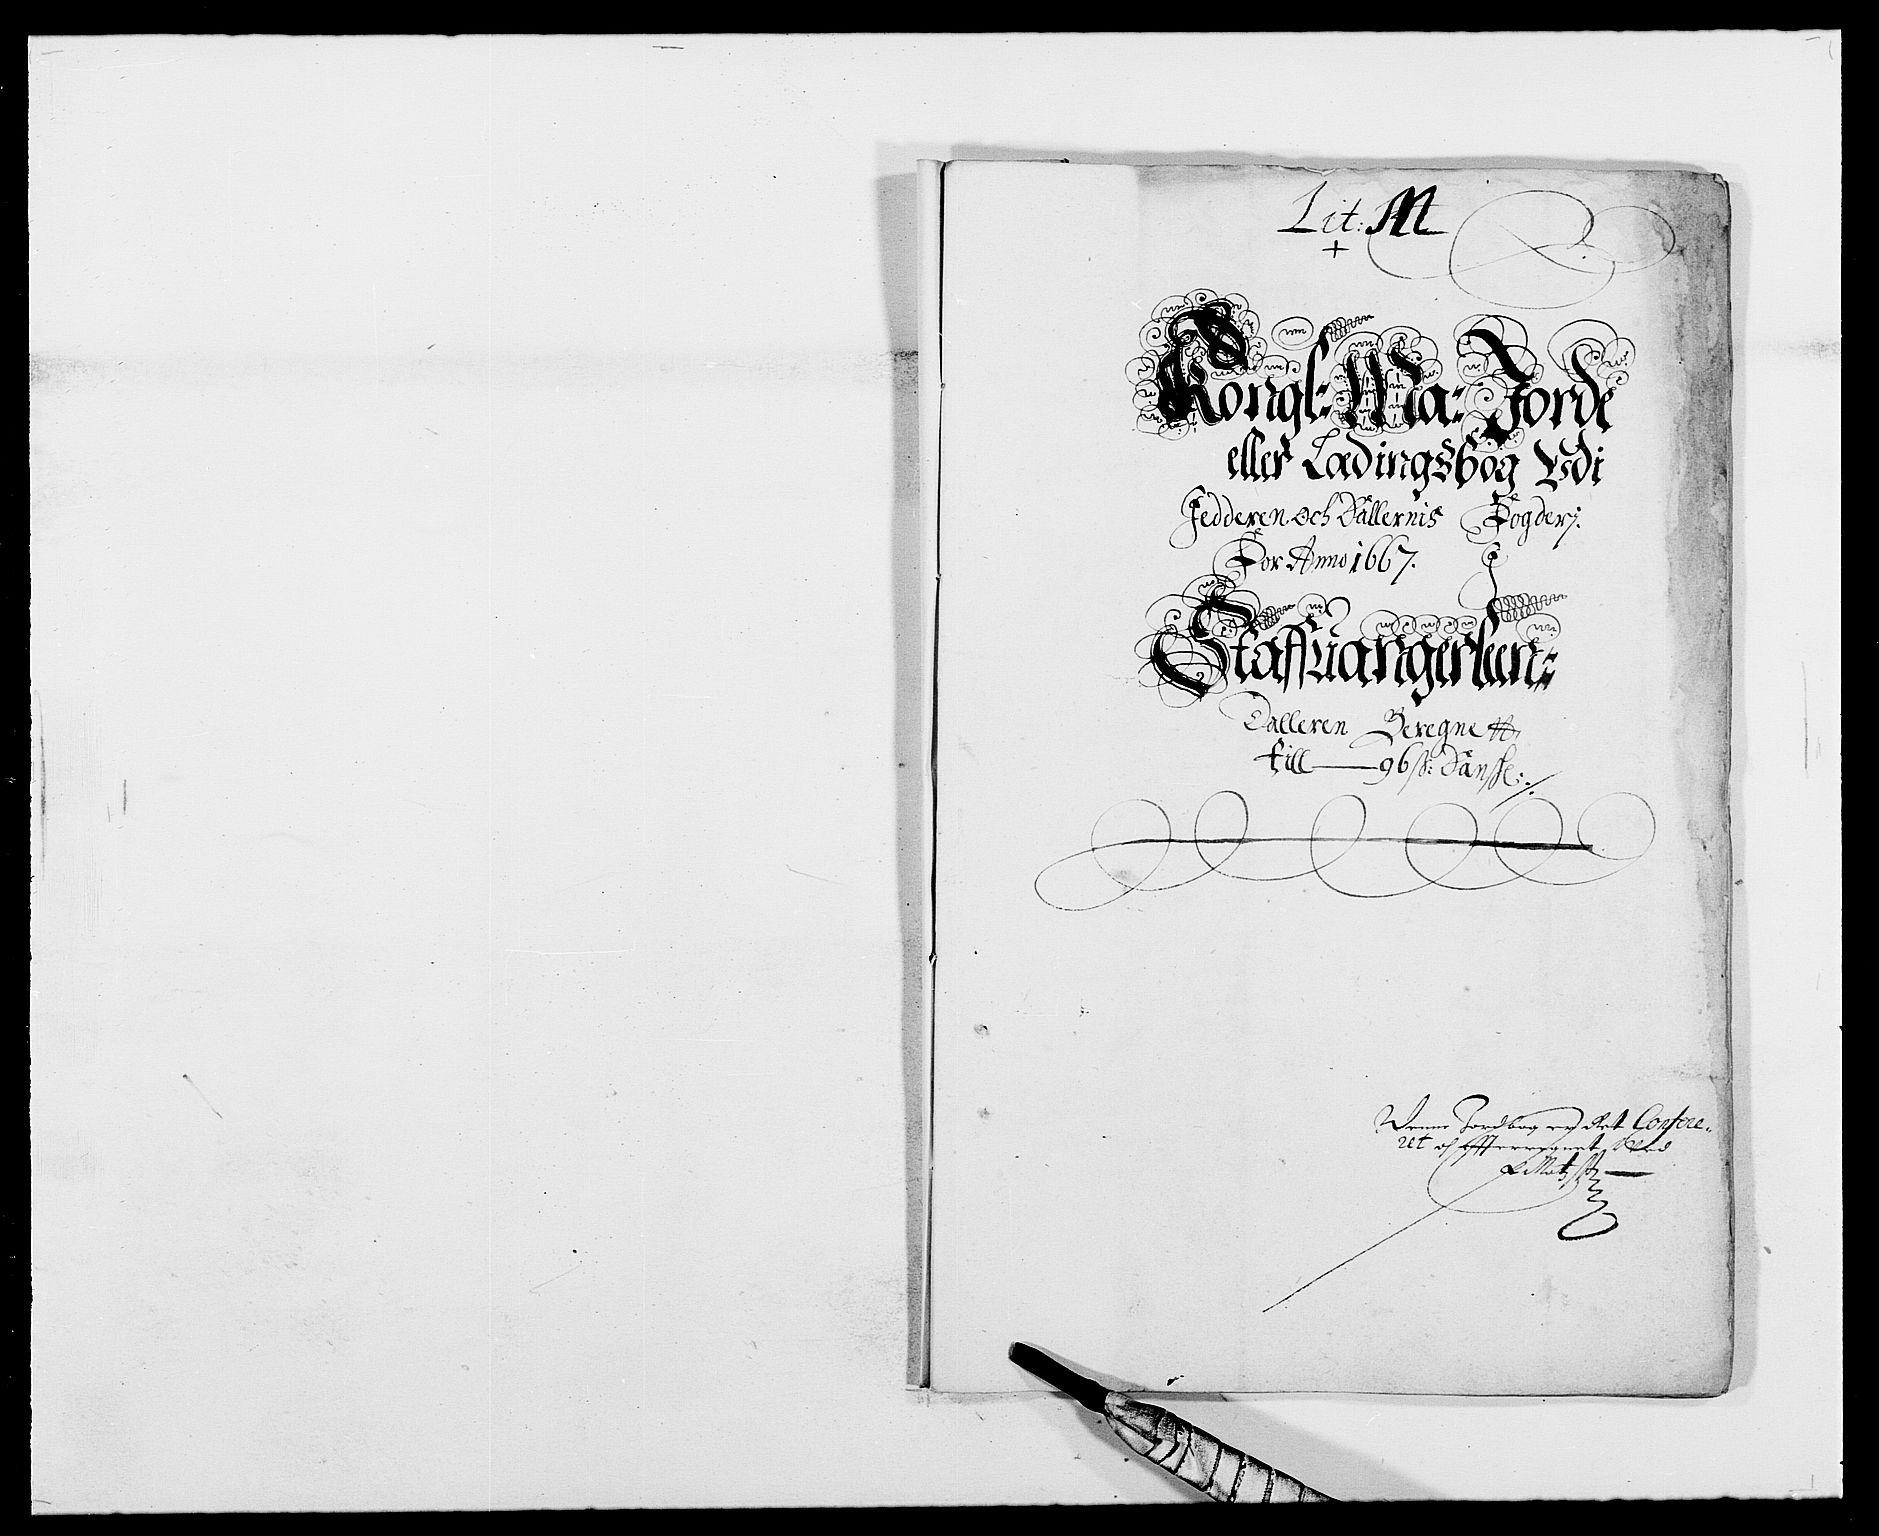 RA, Rentekammeret inntil 1814, Reviderte regnskaper, Fogderegnskap, R46/L2710: Fogderegnskap Jæren og Dalane, 1667, s. 11